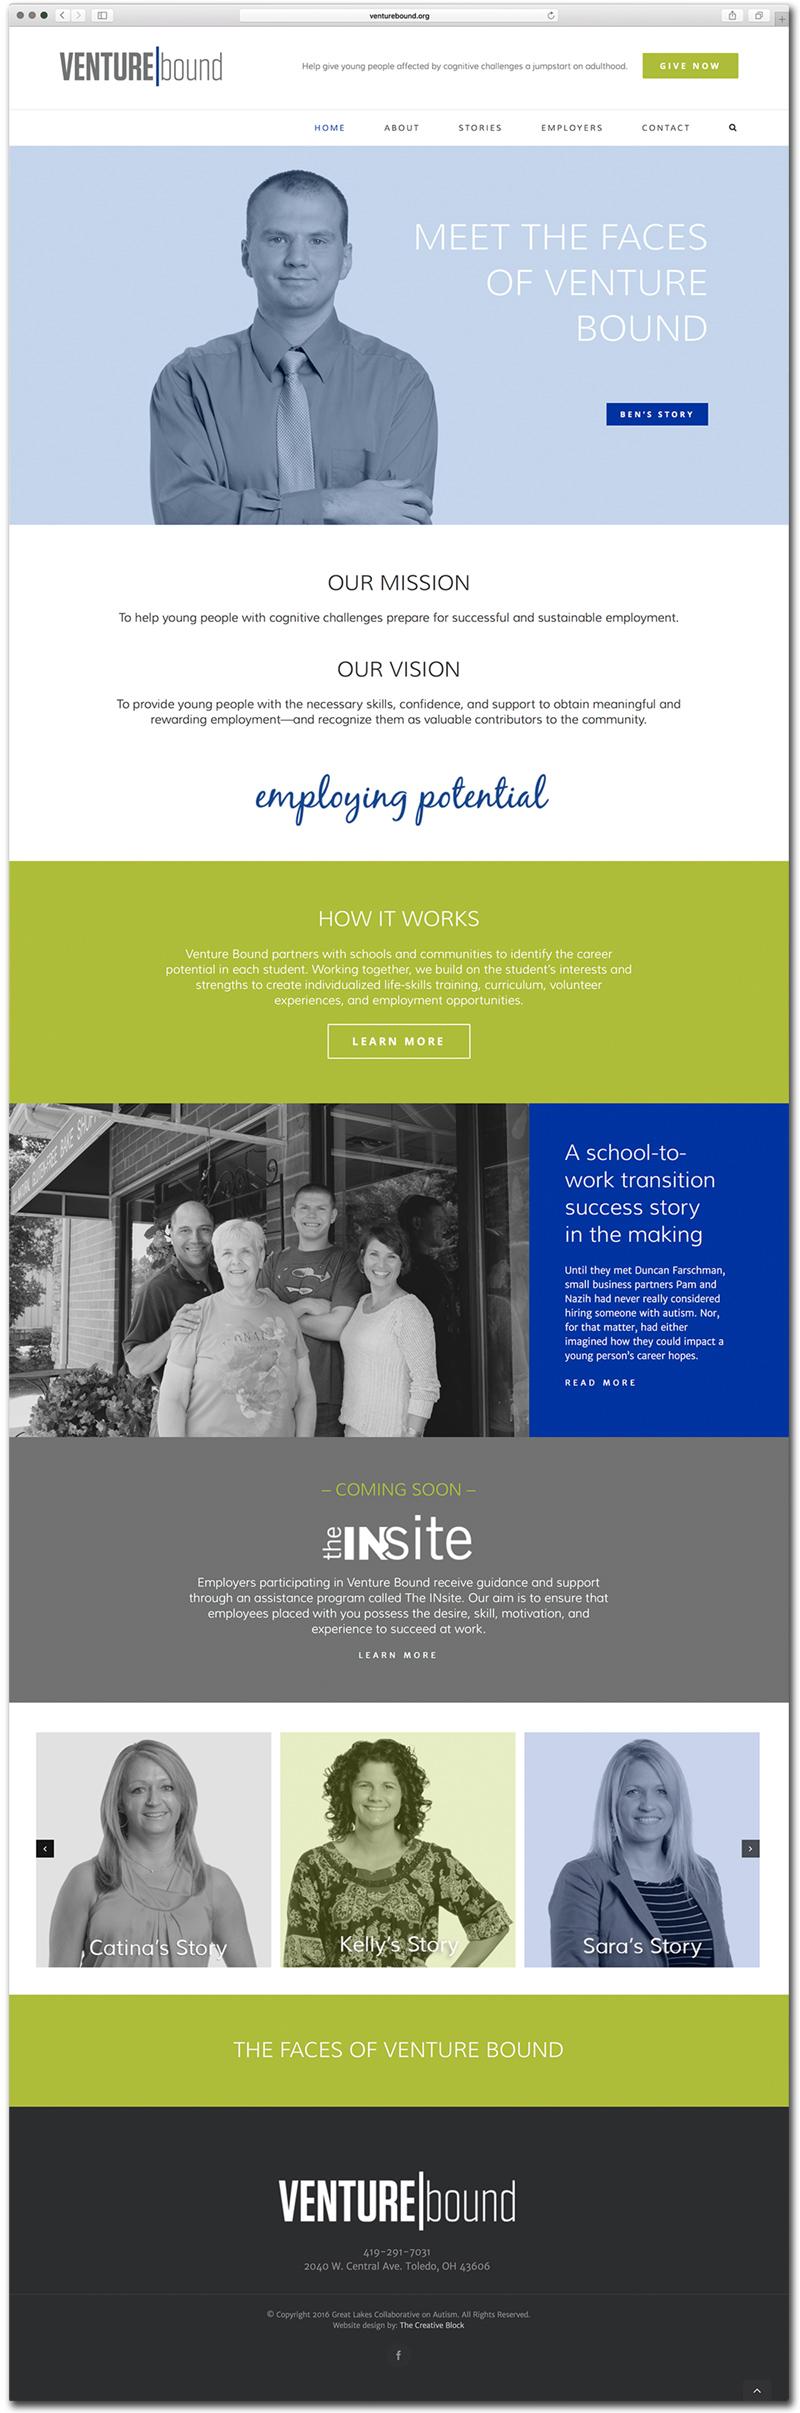 Venture Bound Homepage